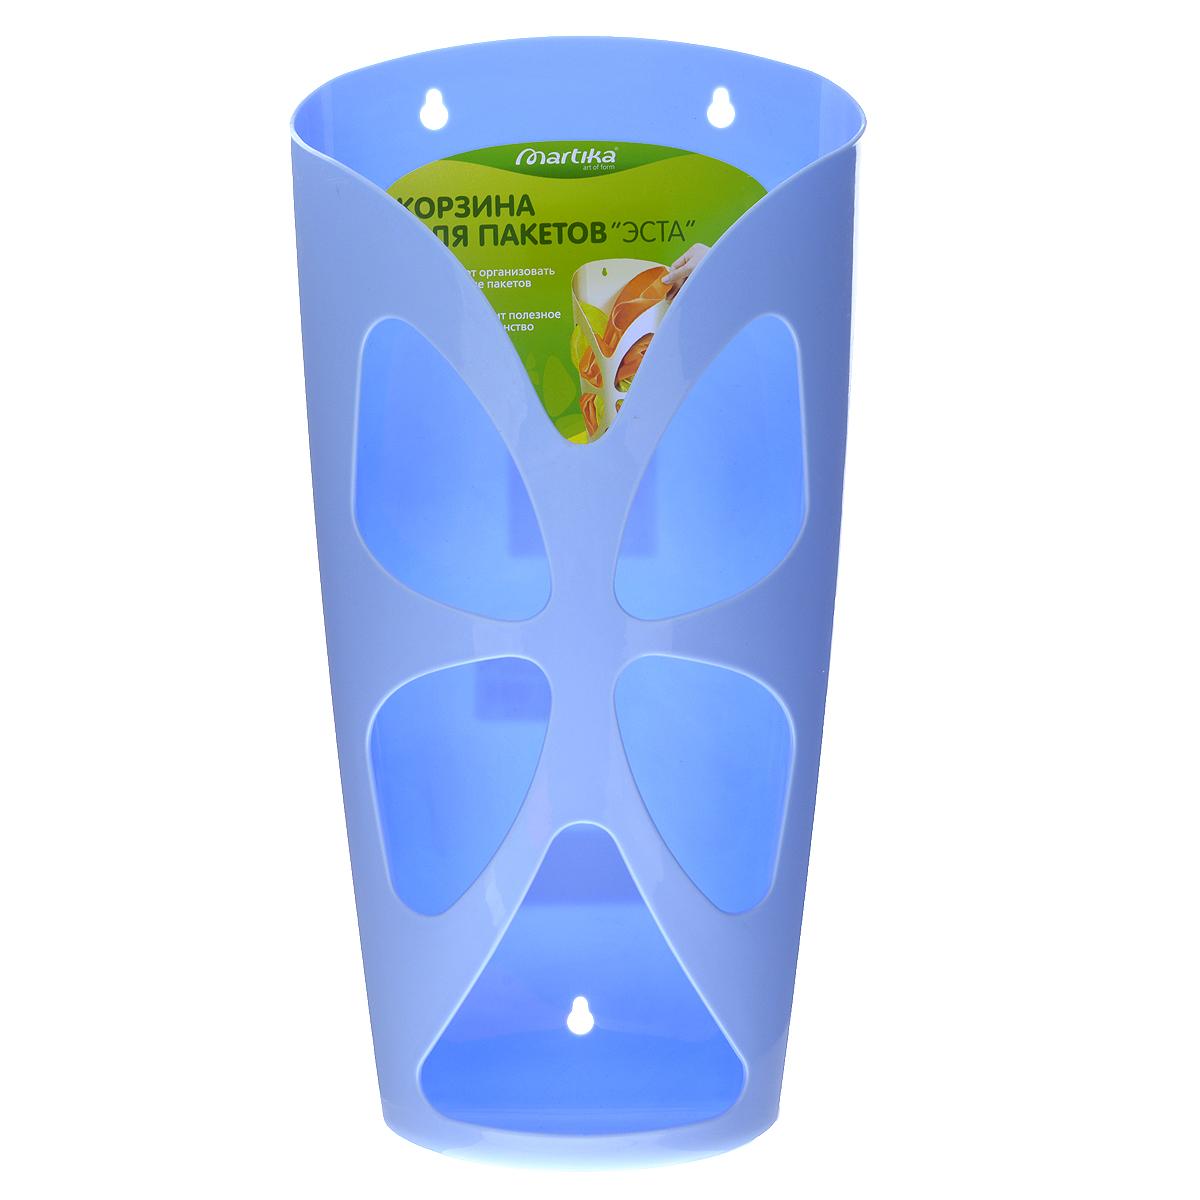 """Корзина для пакетов Martika """"Эста"""" изготовлена из высококачественного пластика. Эта практичная корзина наведет порядок в кладовке или кухонном шкафу и позволит хранить пакеты или хозяйственные сумочки во всегда доступном месте! Изделие декорировано резным изображением бабочки. Корзина просто подвешивается на дверь шкафчика изнутри или снаружи, в зависимости от назначения. Корзина для пакетов Martika """"Эста"""" будет замечательным подарком для поддержания чистоты и порядка. Она сэкономит место, гармонично впишется в интерьер и будет радовать вас уникальным дизайном."""